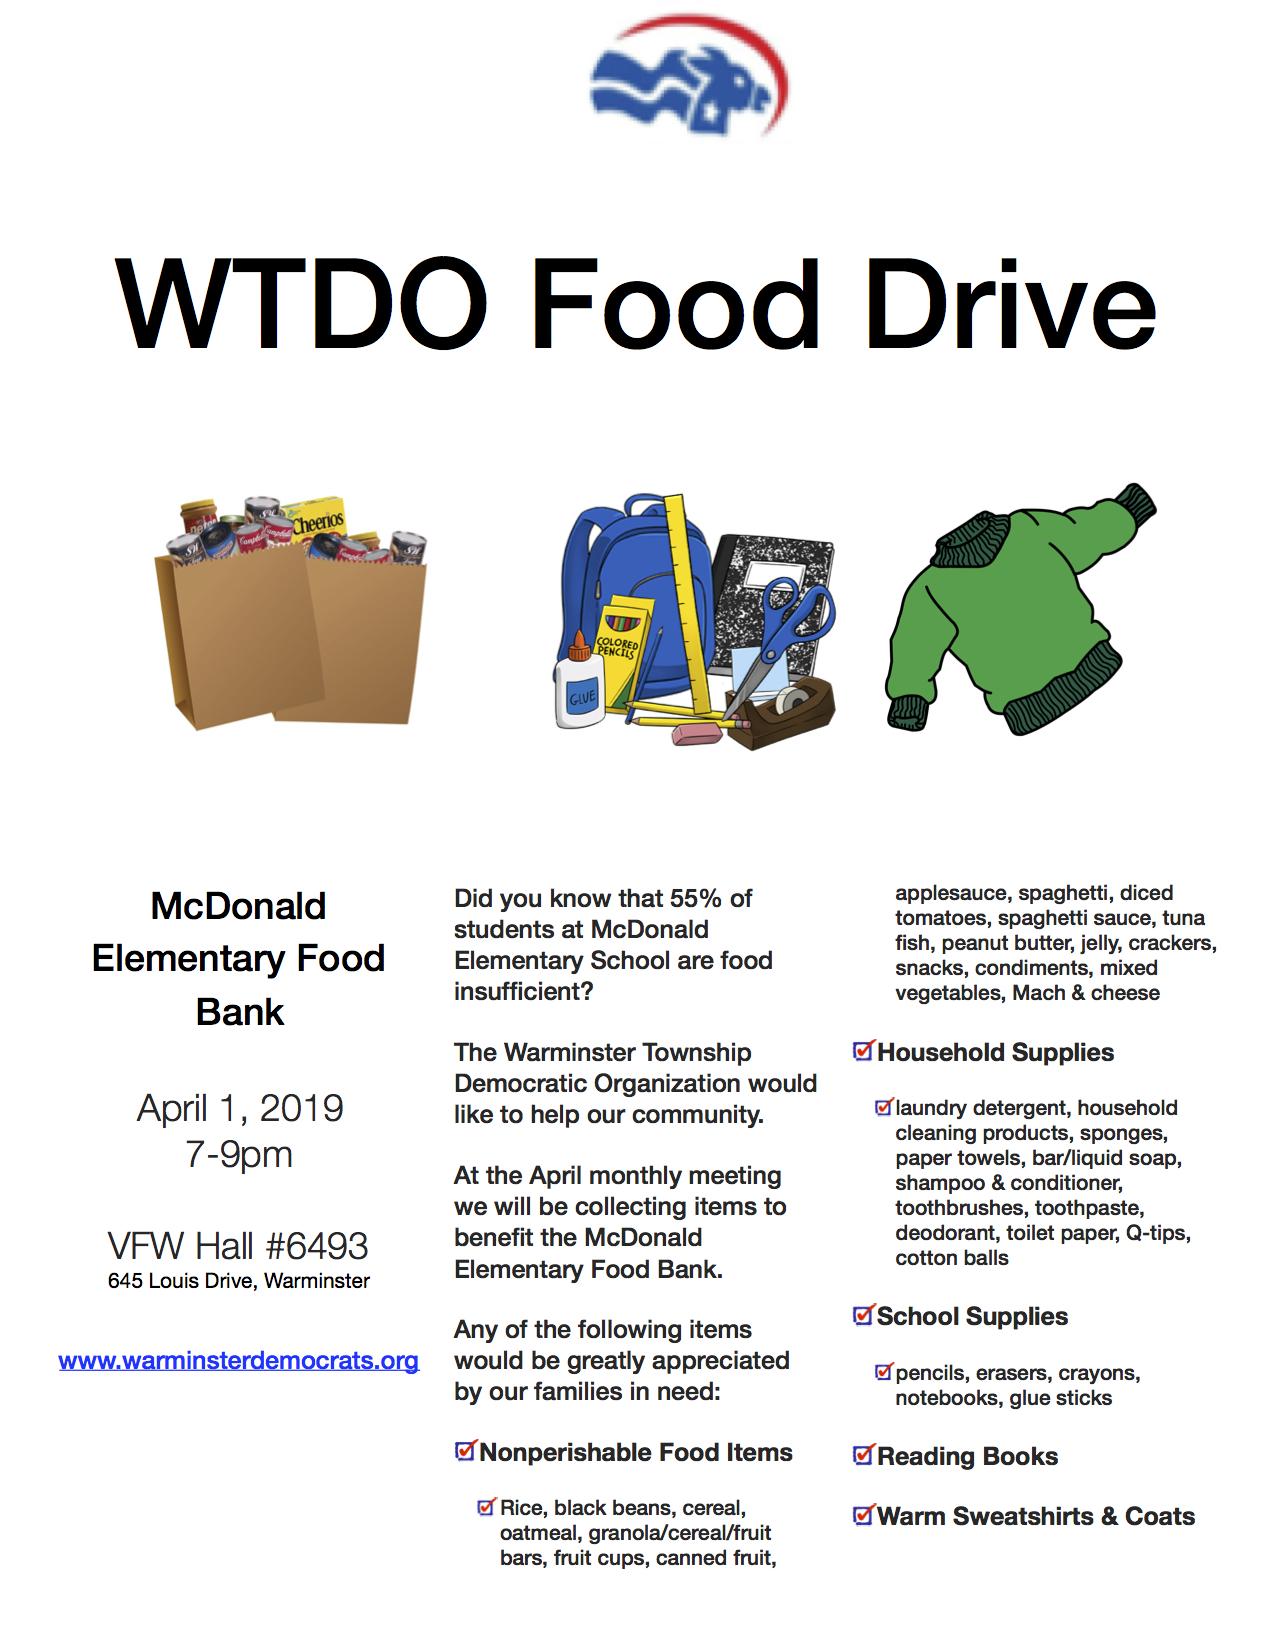 WTDO 2019 Spring Food Drive_a1.jpg